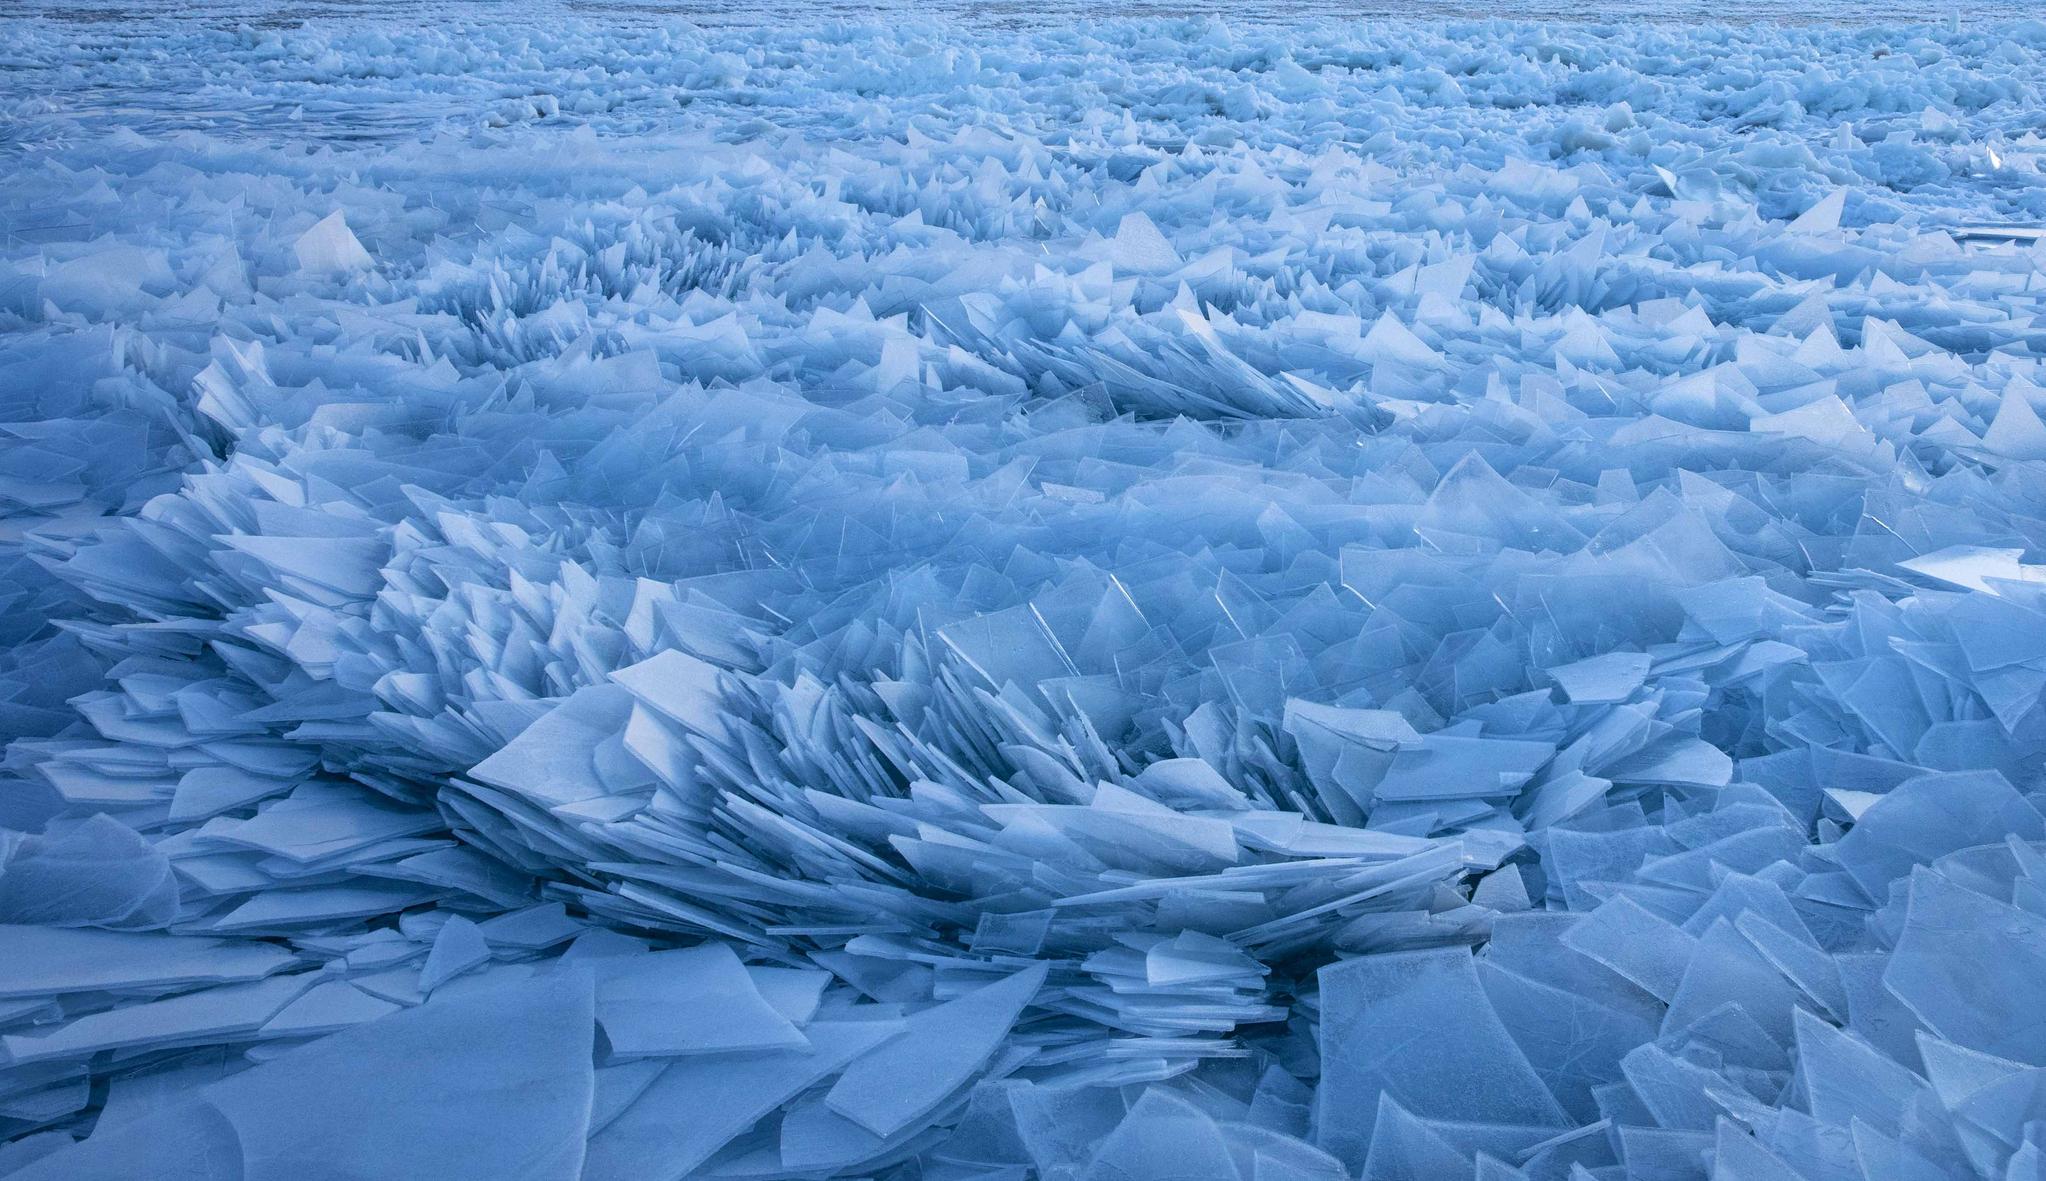 [서소문사진관] 미시간호에 쌓인 100만 개 얼음 조각, 장관이네...